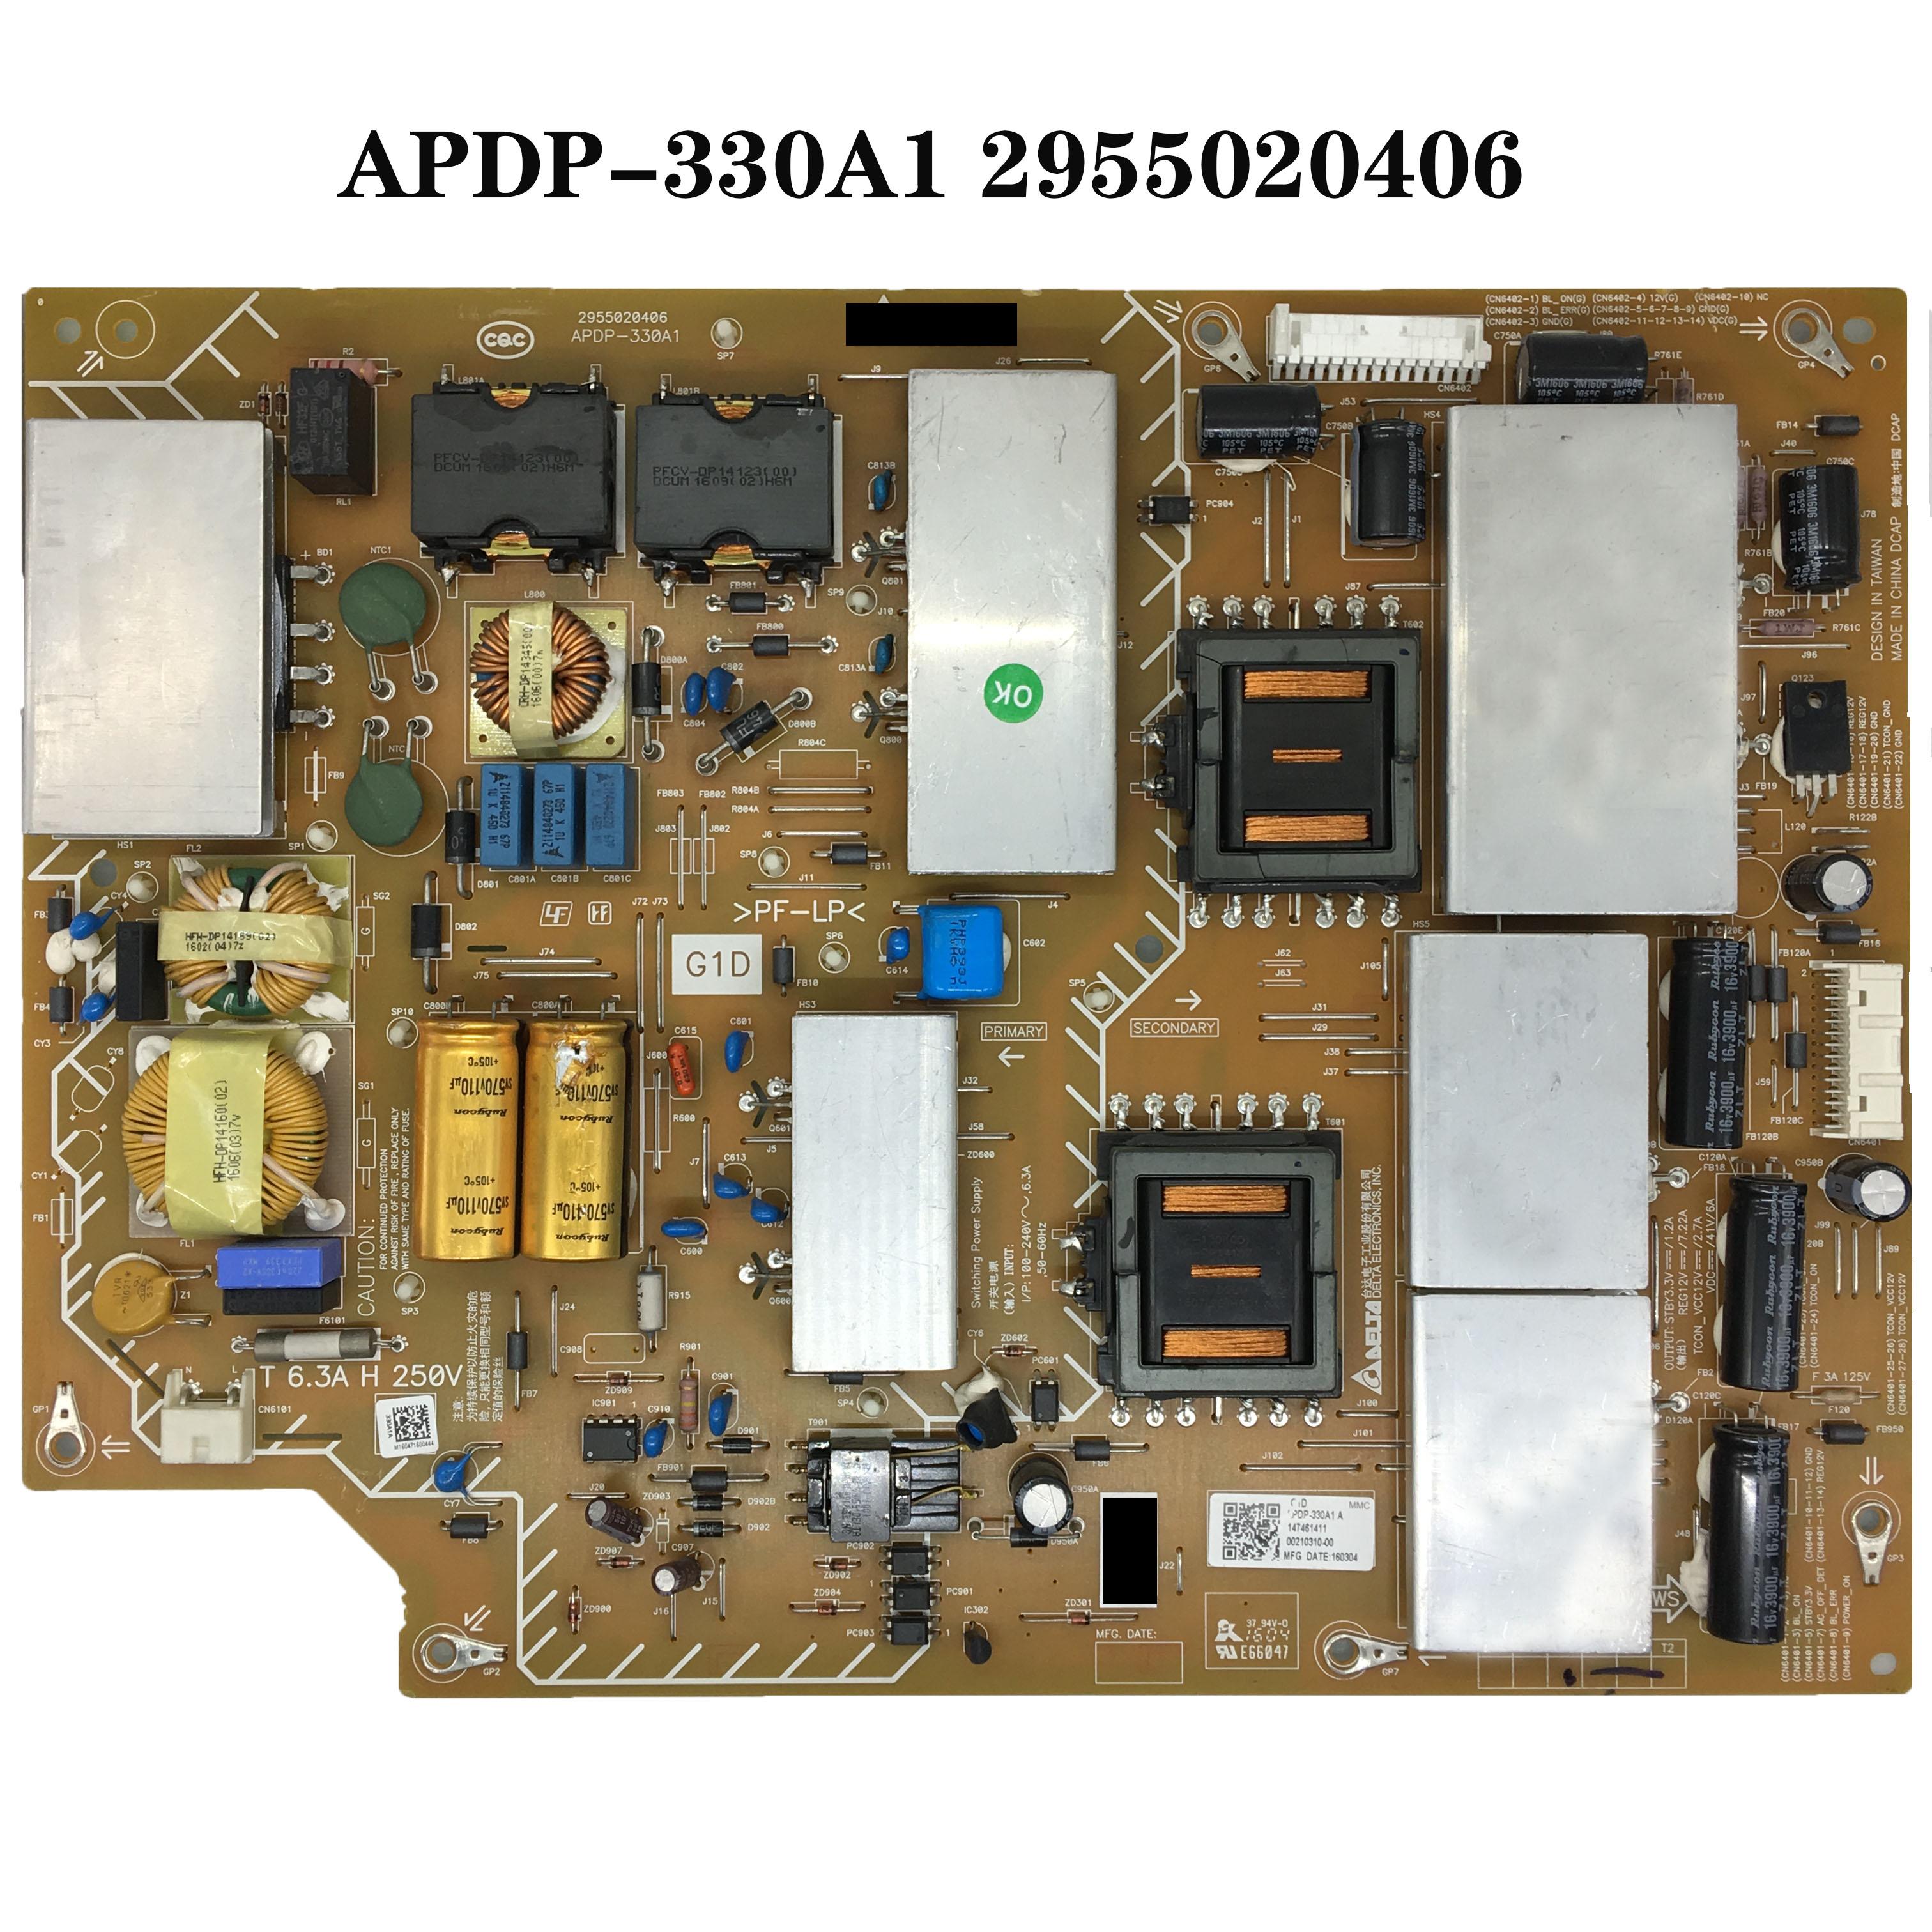 100% para Sony Teste Original Power Board Apdp-330a1 2955020406 Kd-65x9000c